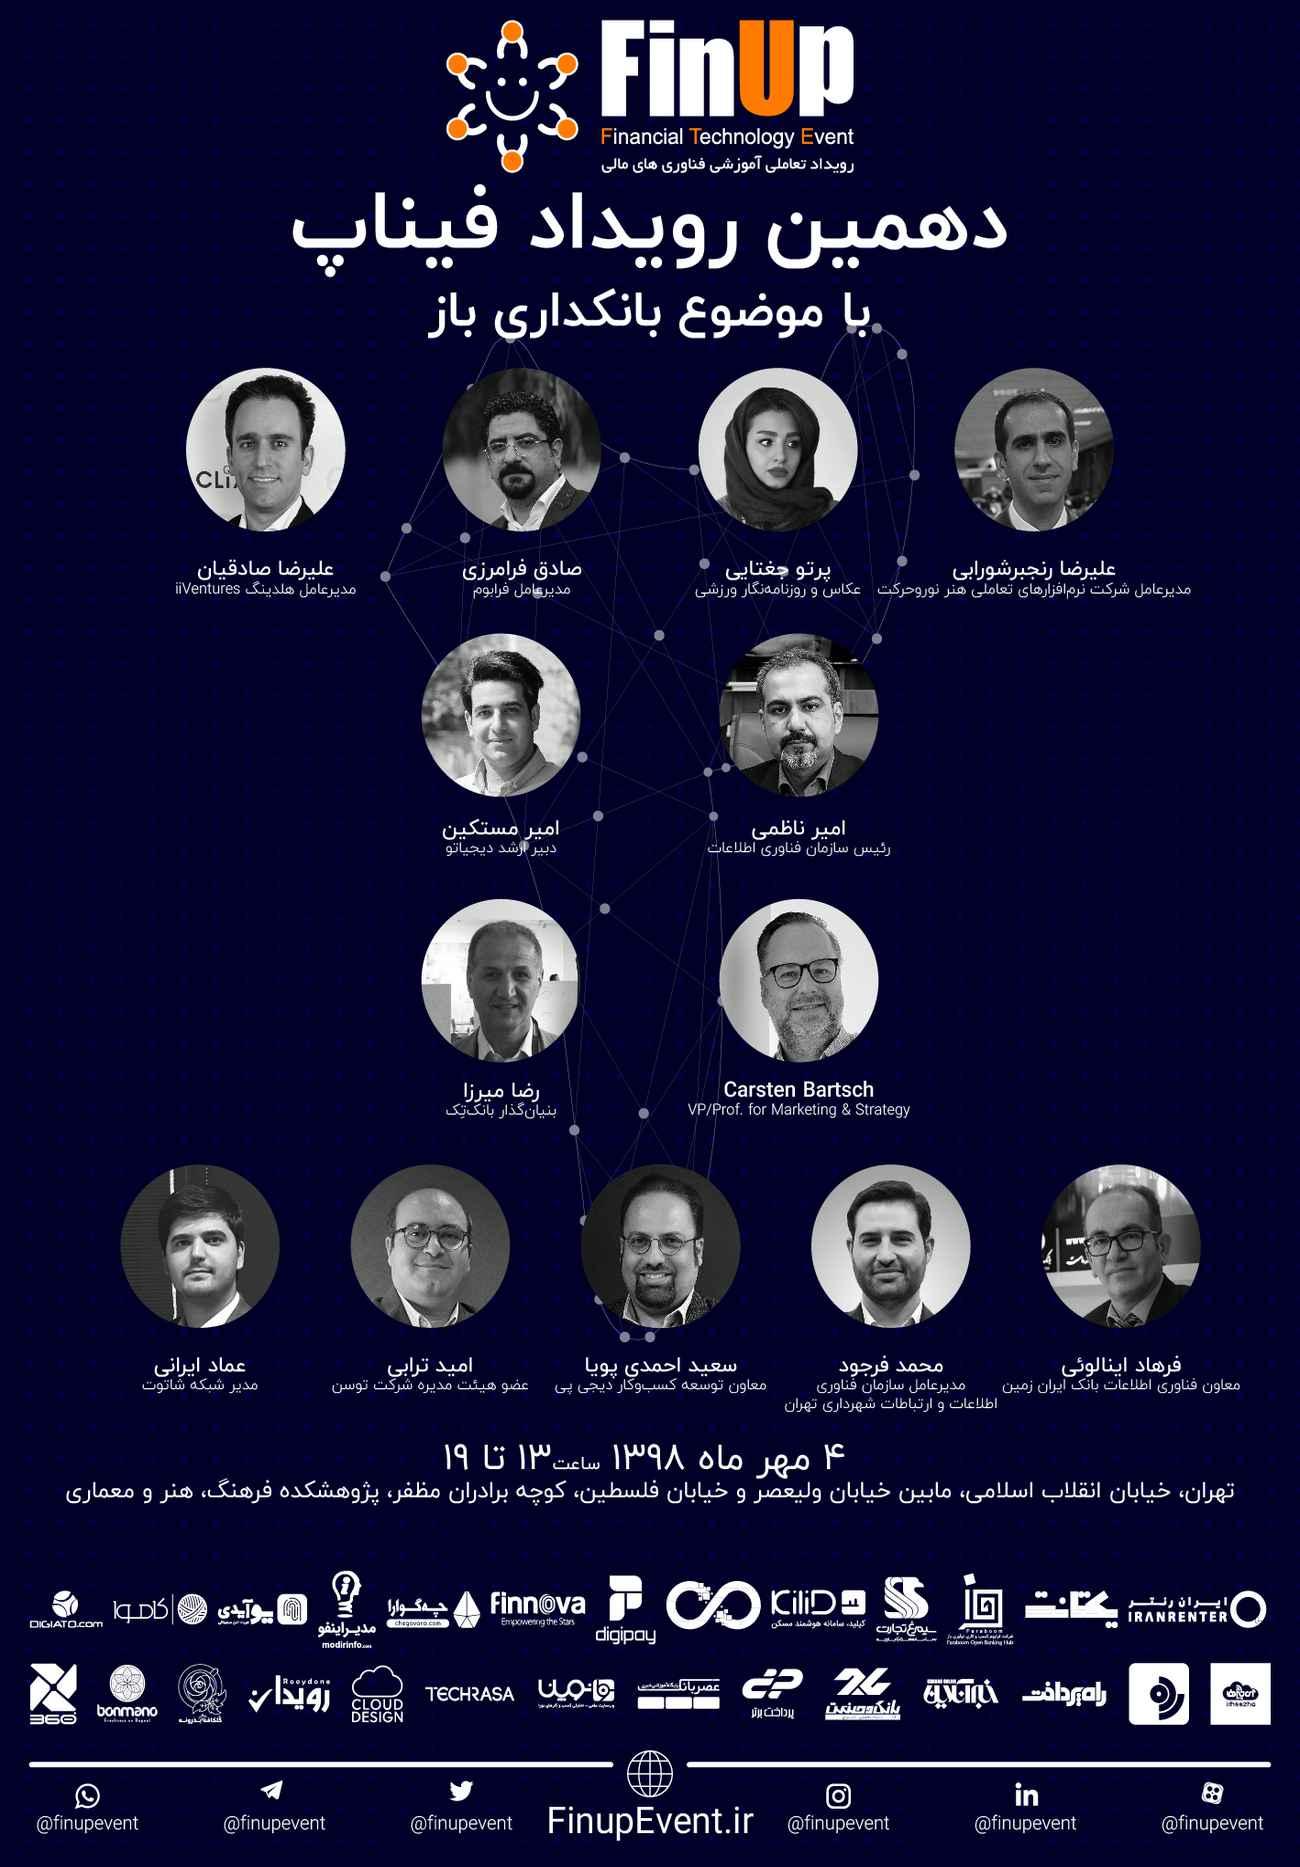 فیناپ ۲ (دهمین رویداد فیناپ- بانکداری باز)